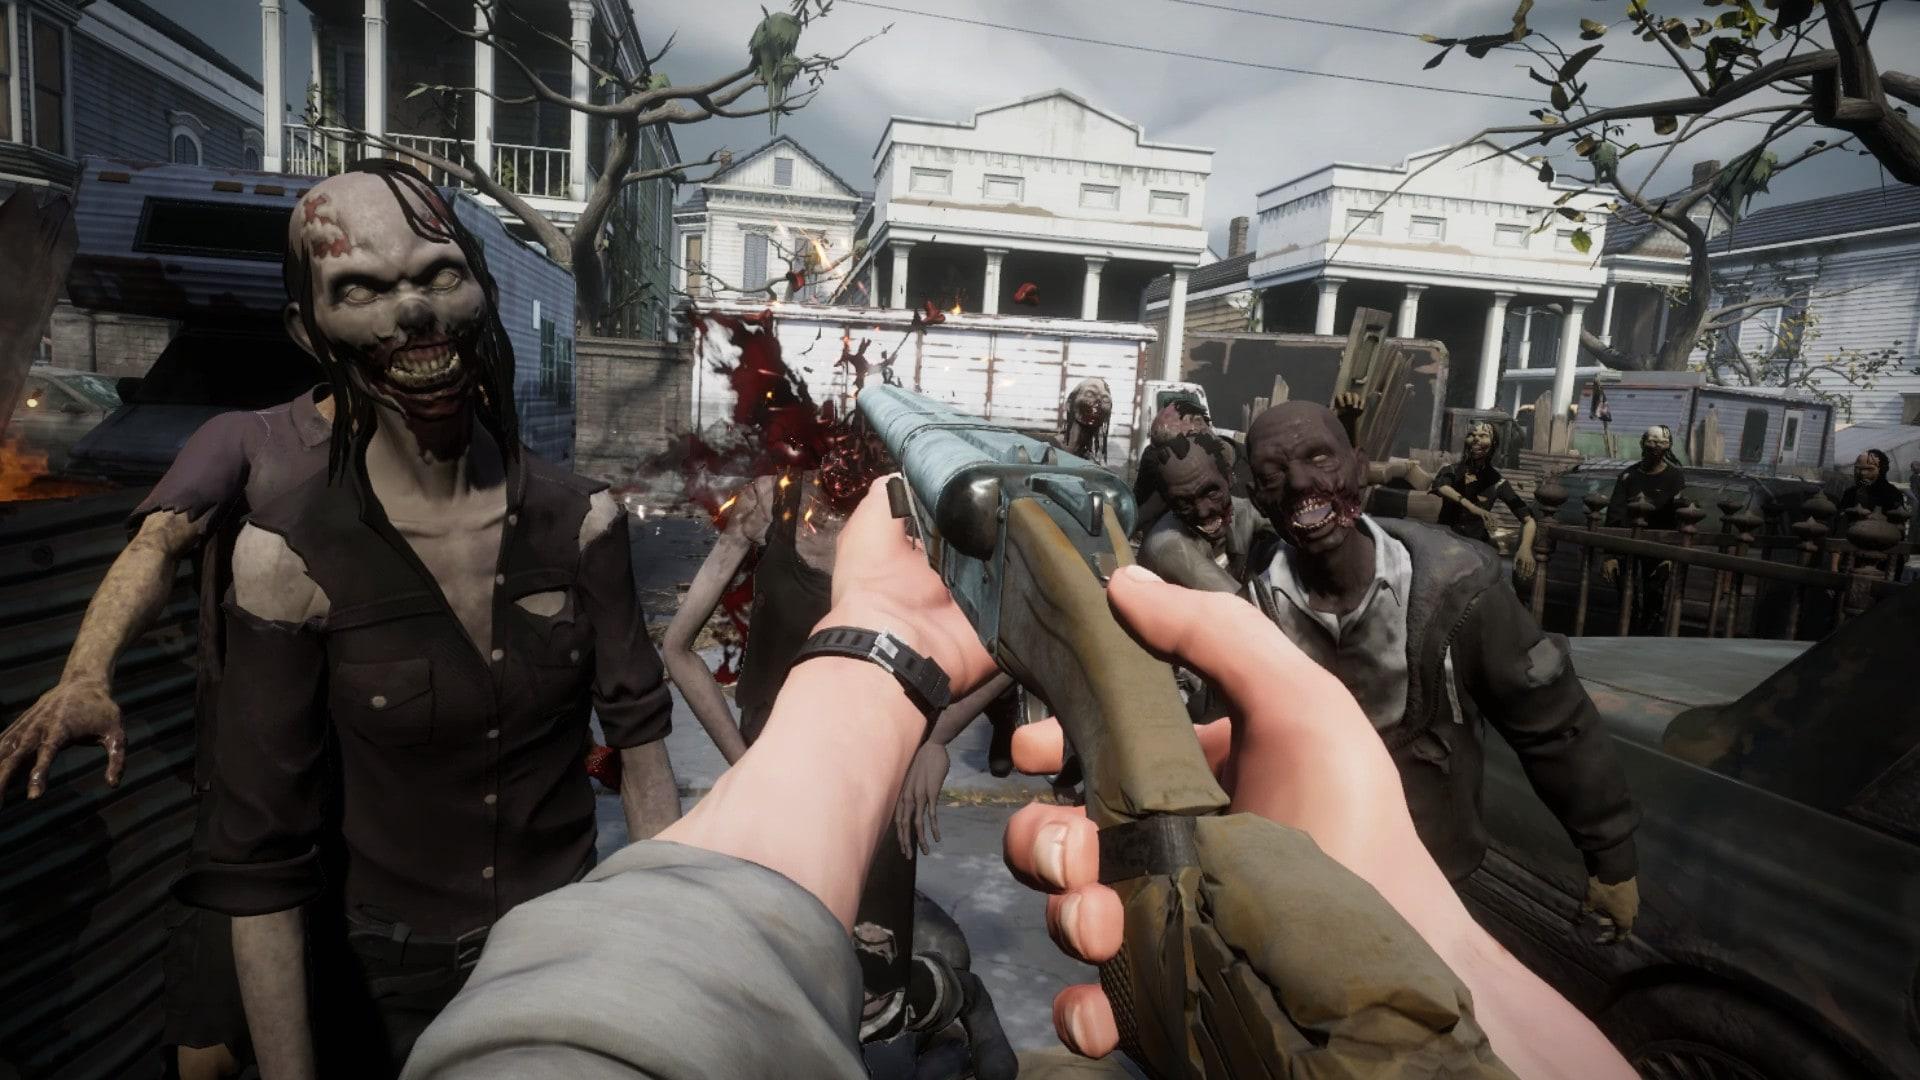 The Walking Dead: Saints & Sinners (Standard Edition) - Steam - Key GLOBAL - 3